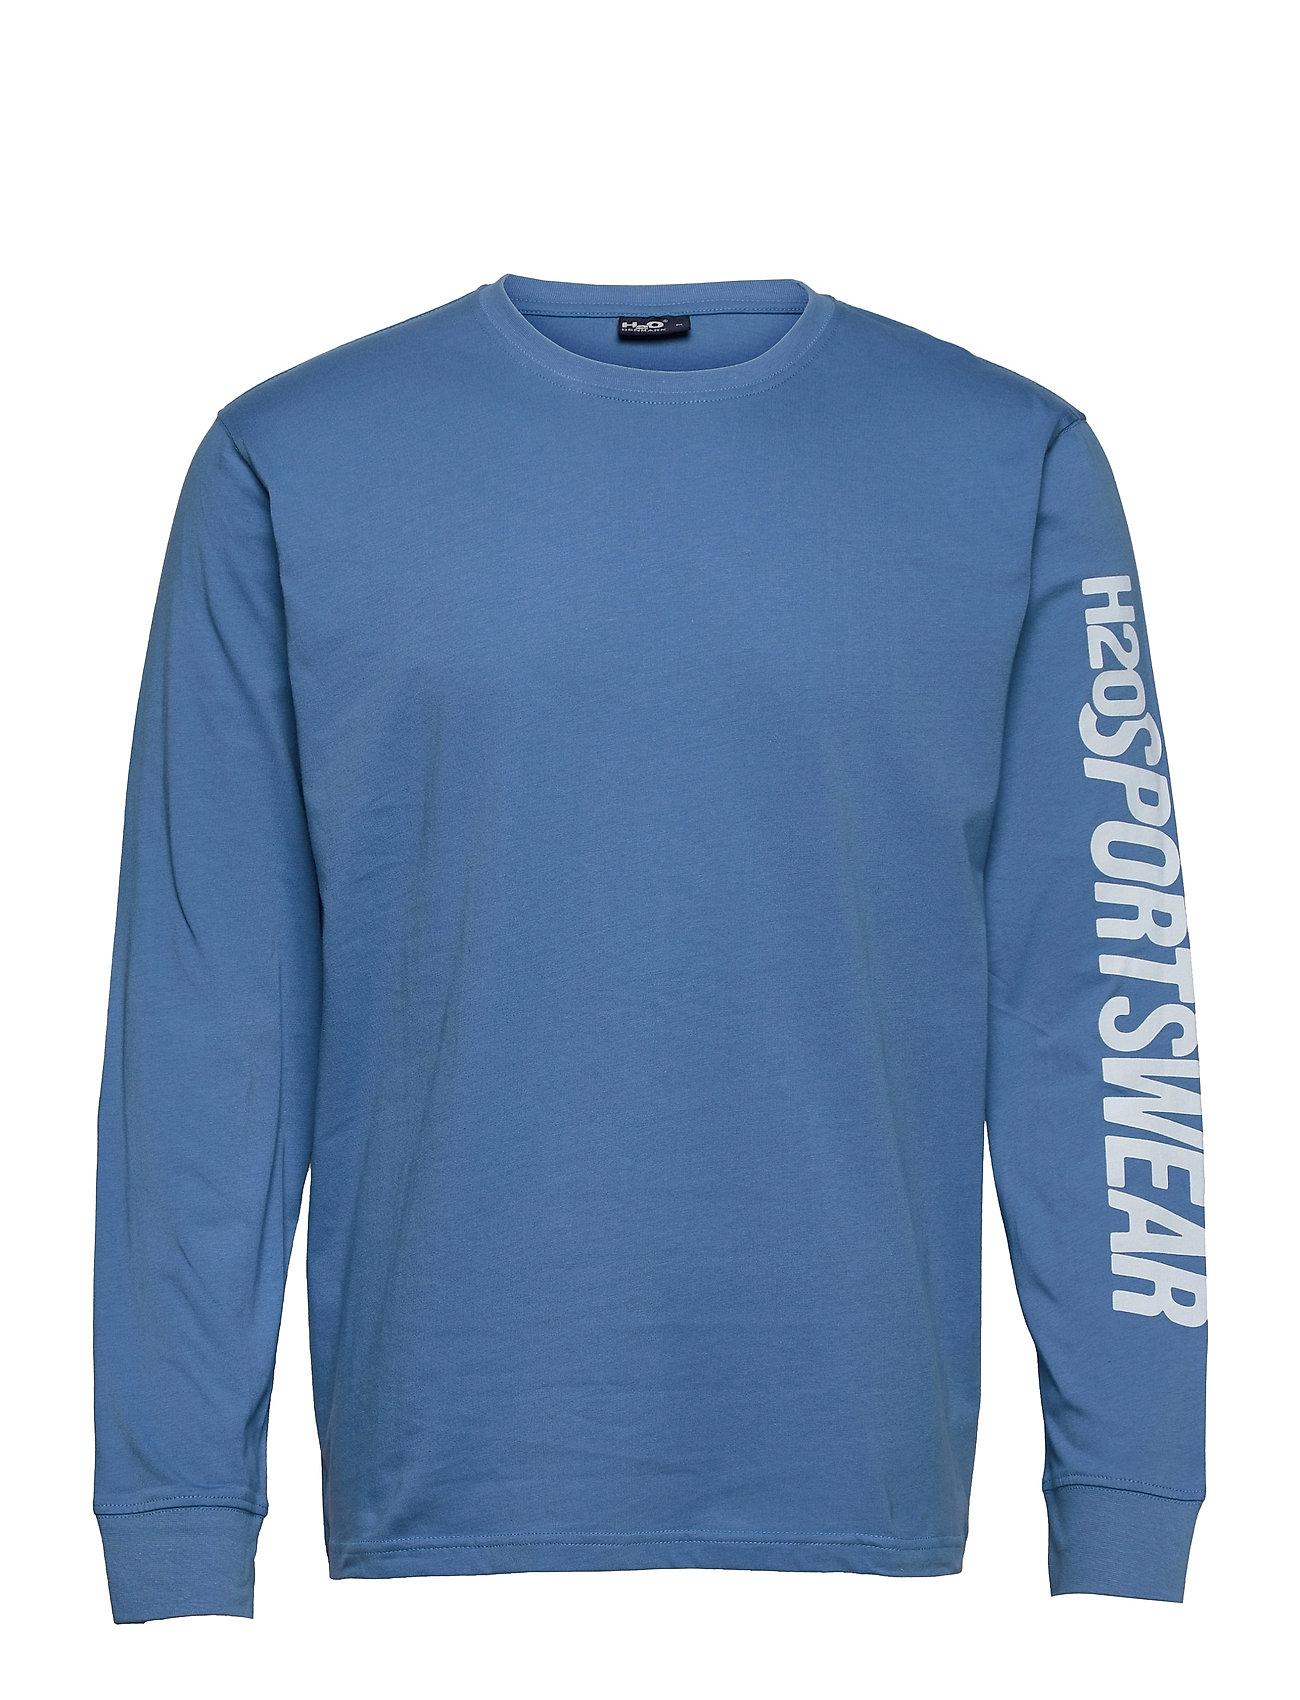 BjøRnø Tee L/S T-Langærmet Skjorte Blå H2O